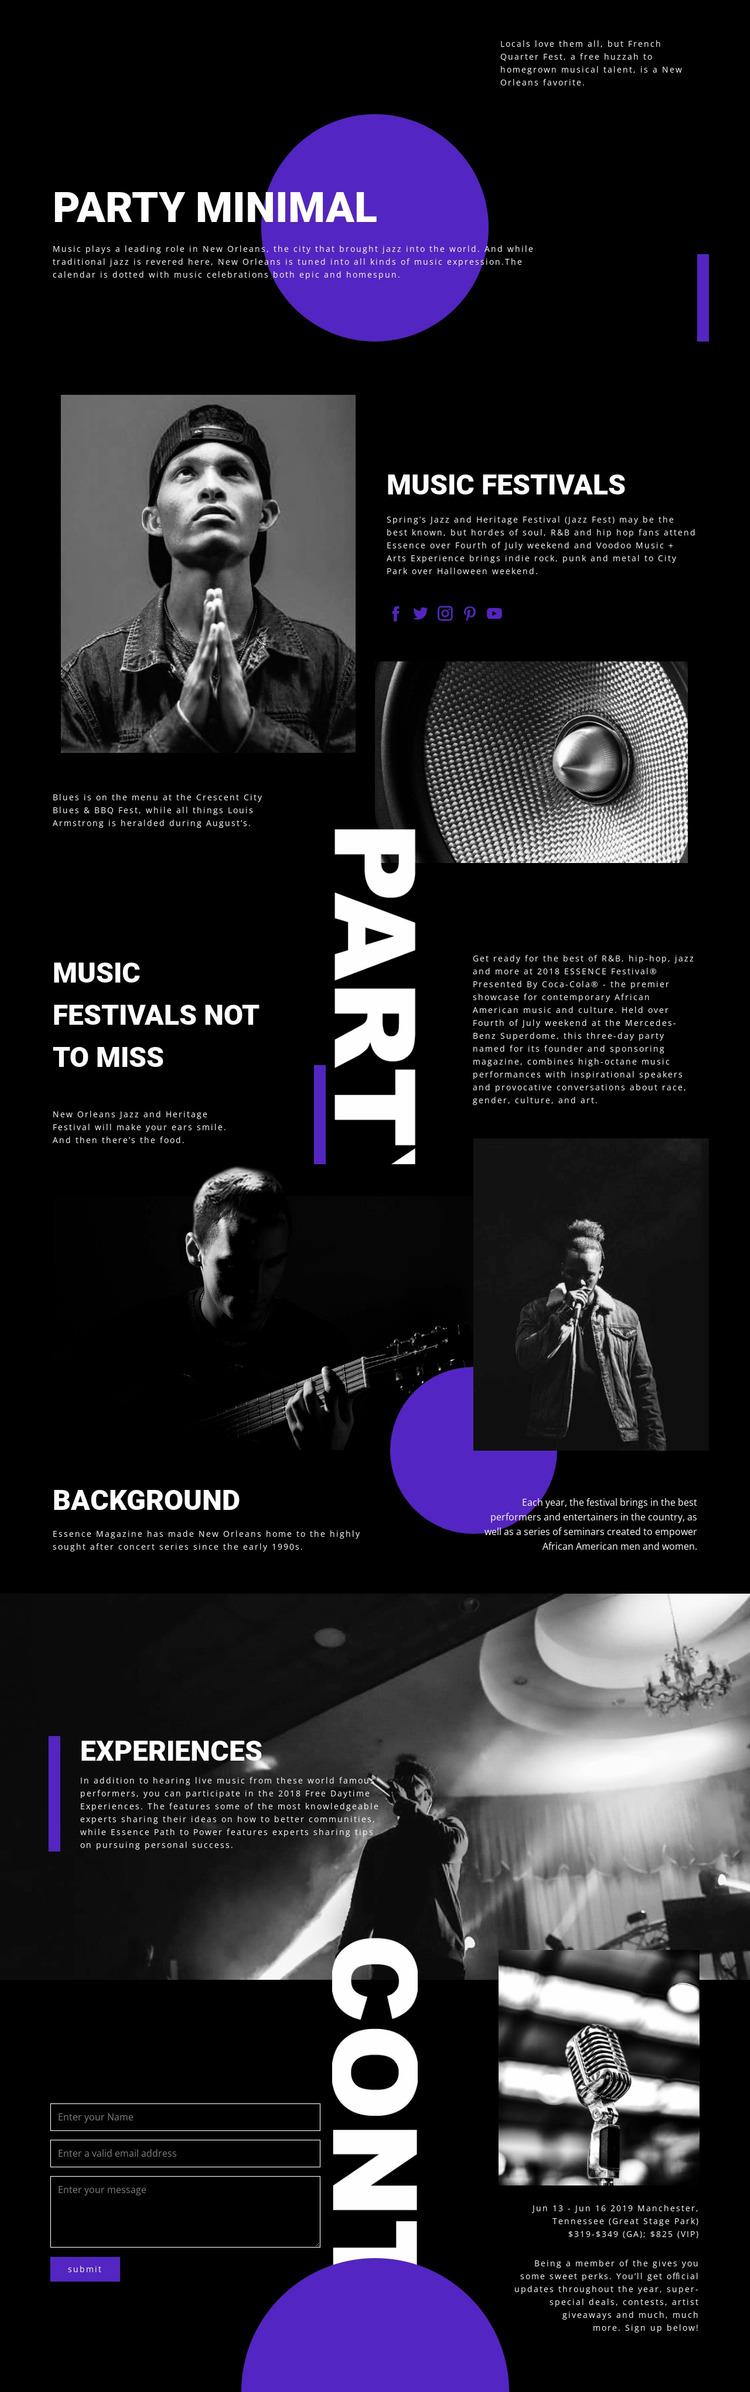 Music Festival Website Mockup